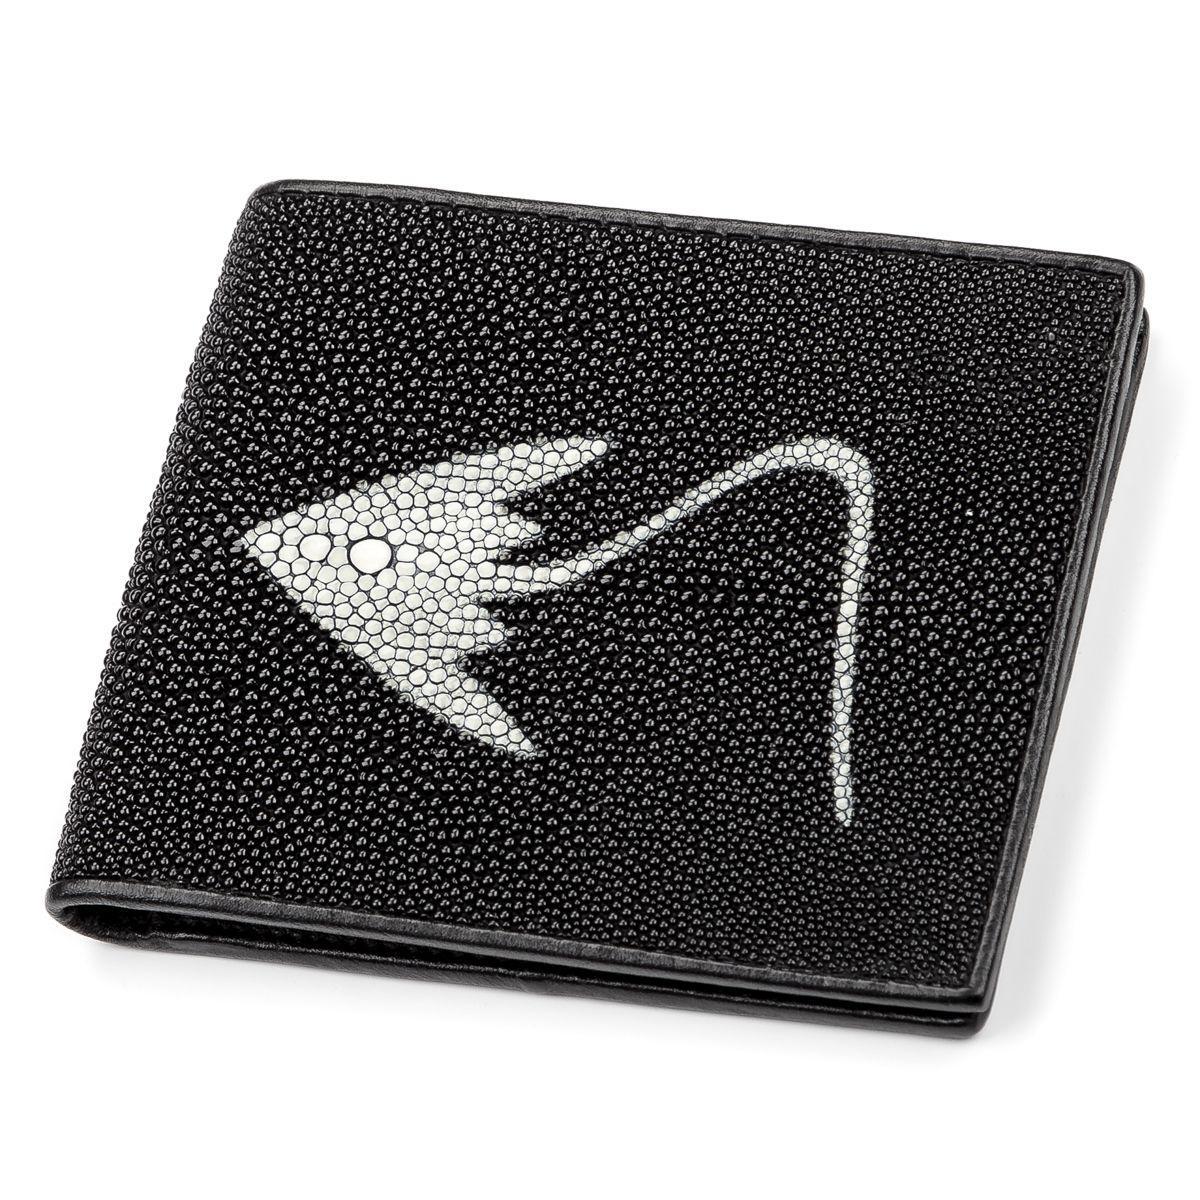 Портмоне Мужское Stingray Leather 18066 Из Натуральной Кожи Морского Ската Черное, Черный